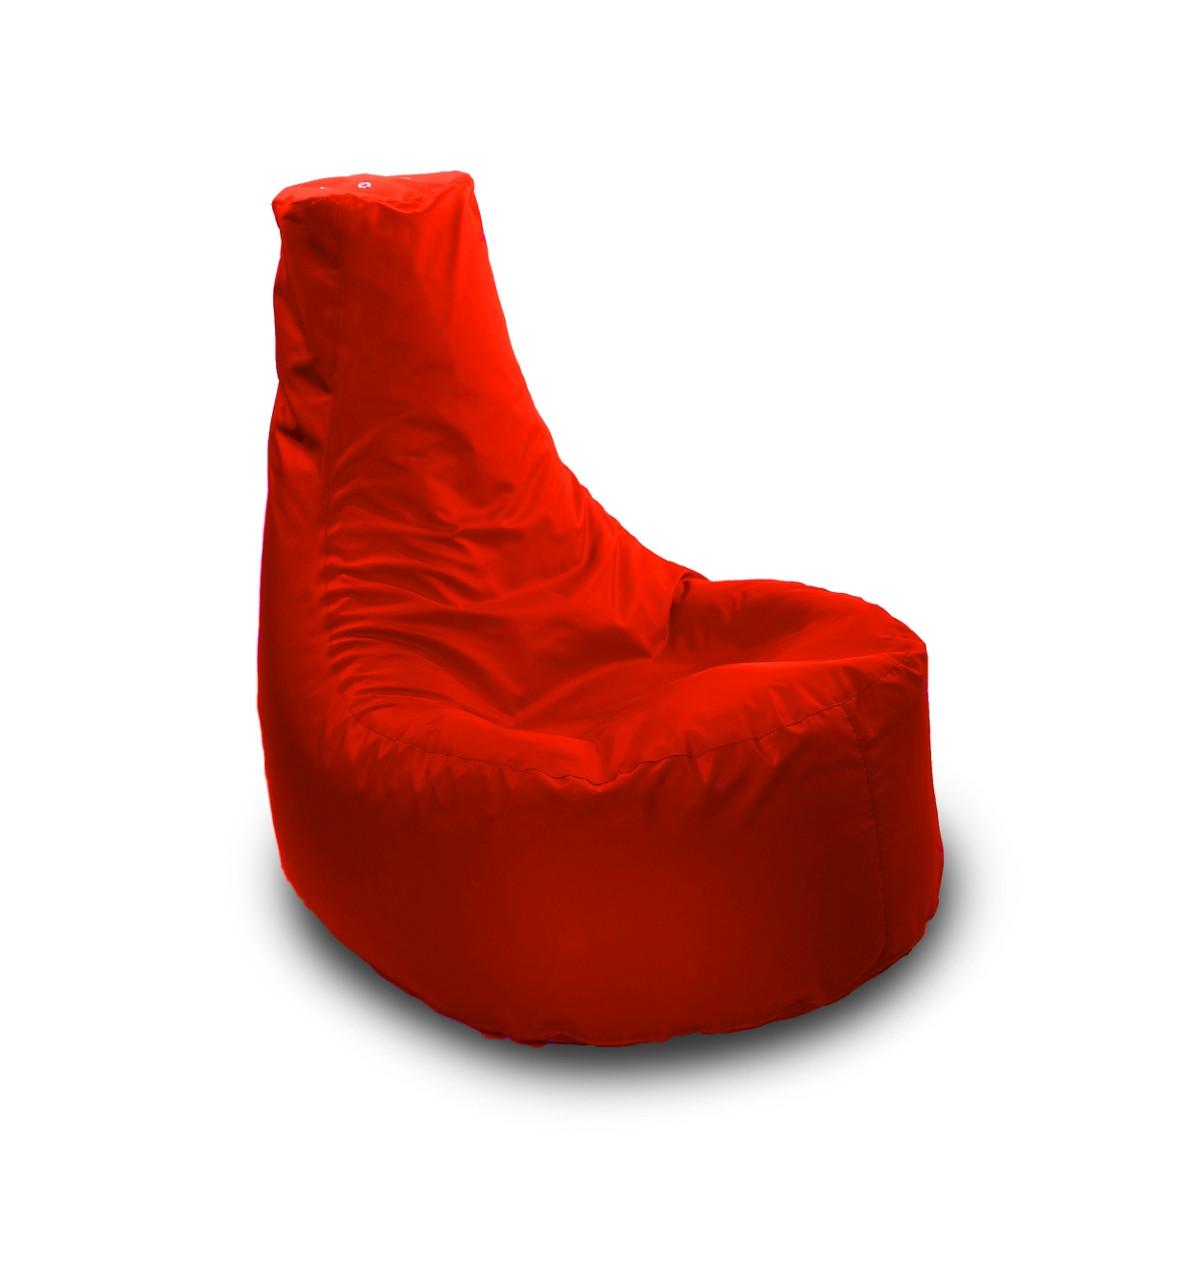 """Красное бескаркасное кресло-мешок Кайф из Оксфорда - Интернет-магазин """"LaPufic""""   +380 98 06 33 565 в Николаеве"""